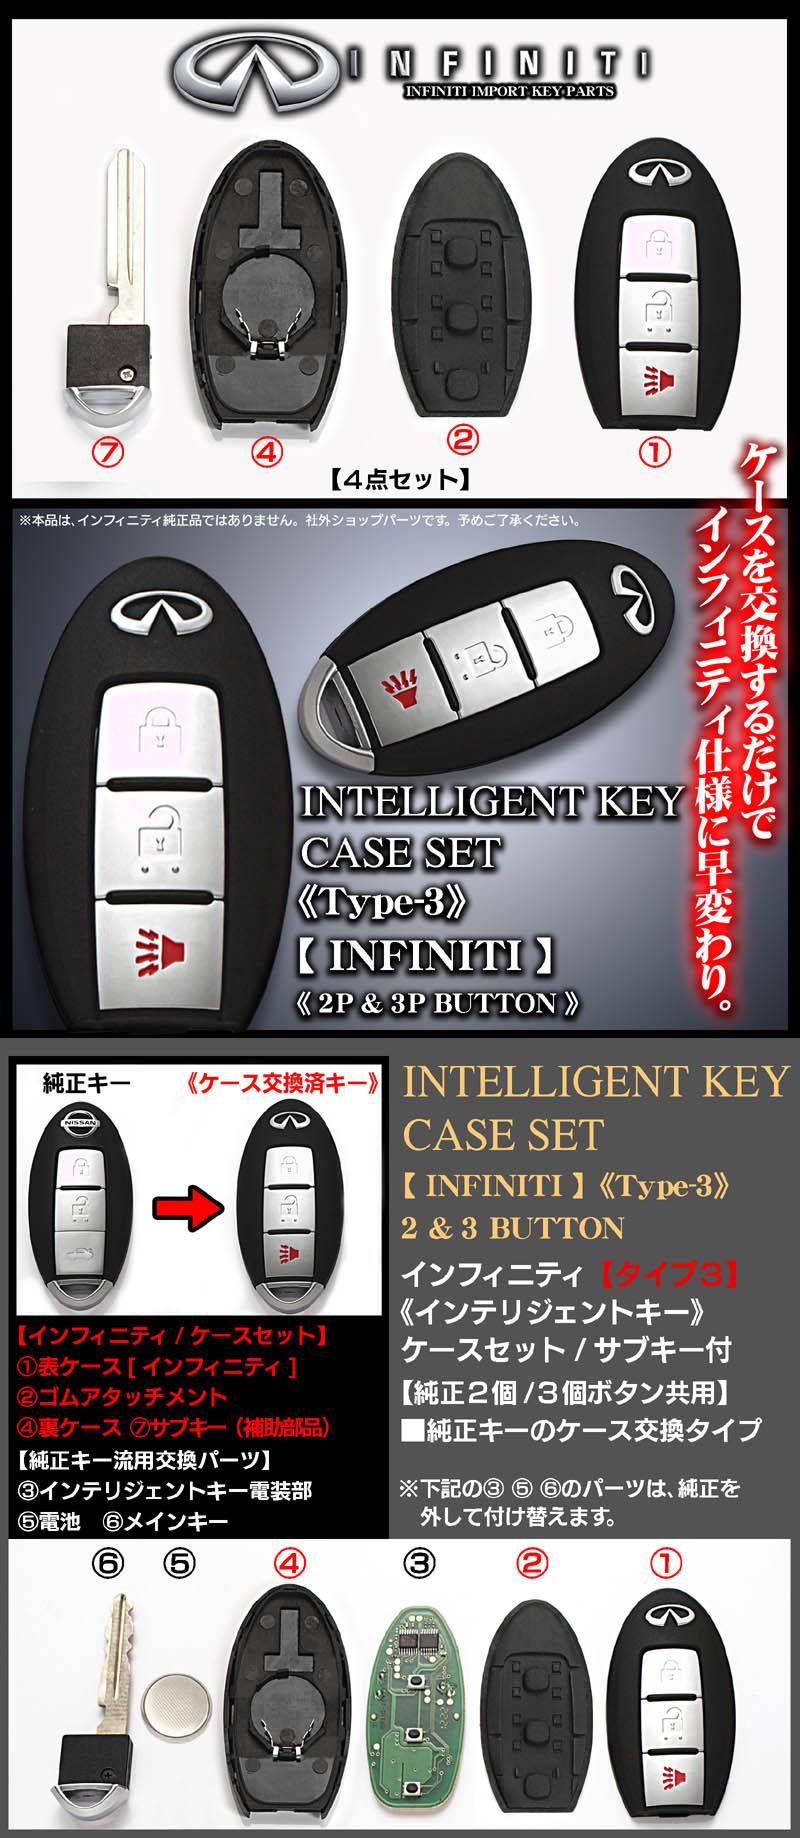 【タイプ3】日産車汎用インフィニティ純正タイプキー《ケースセット/2個.3個ボタン共用》インテリジェントキー/INFINITI海外ショップ品